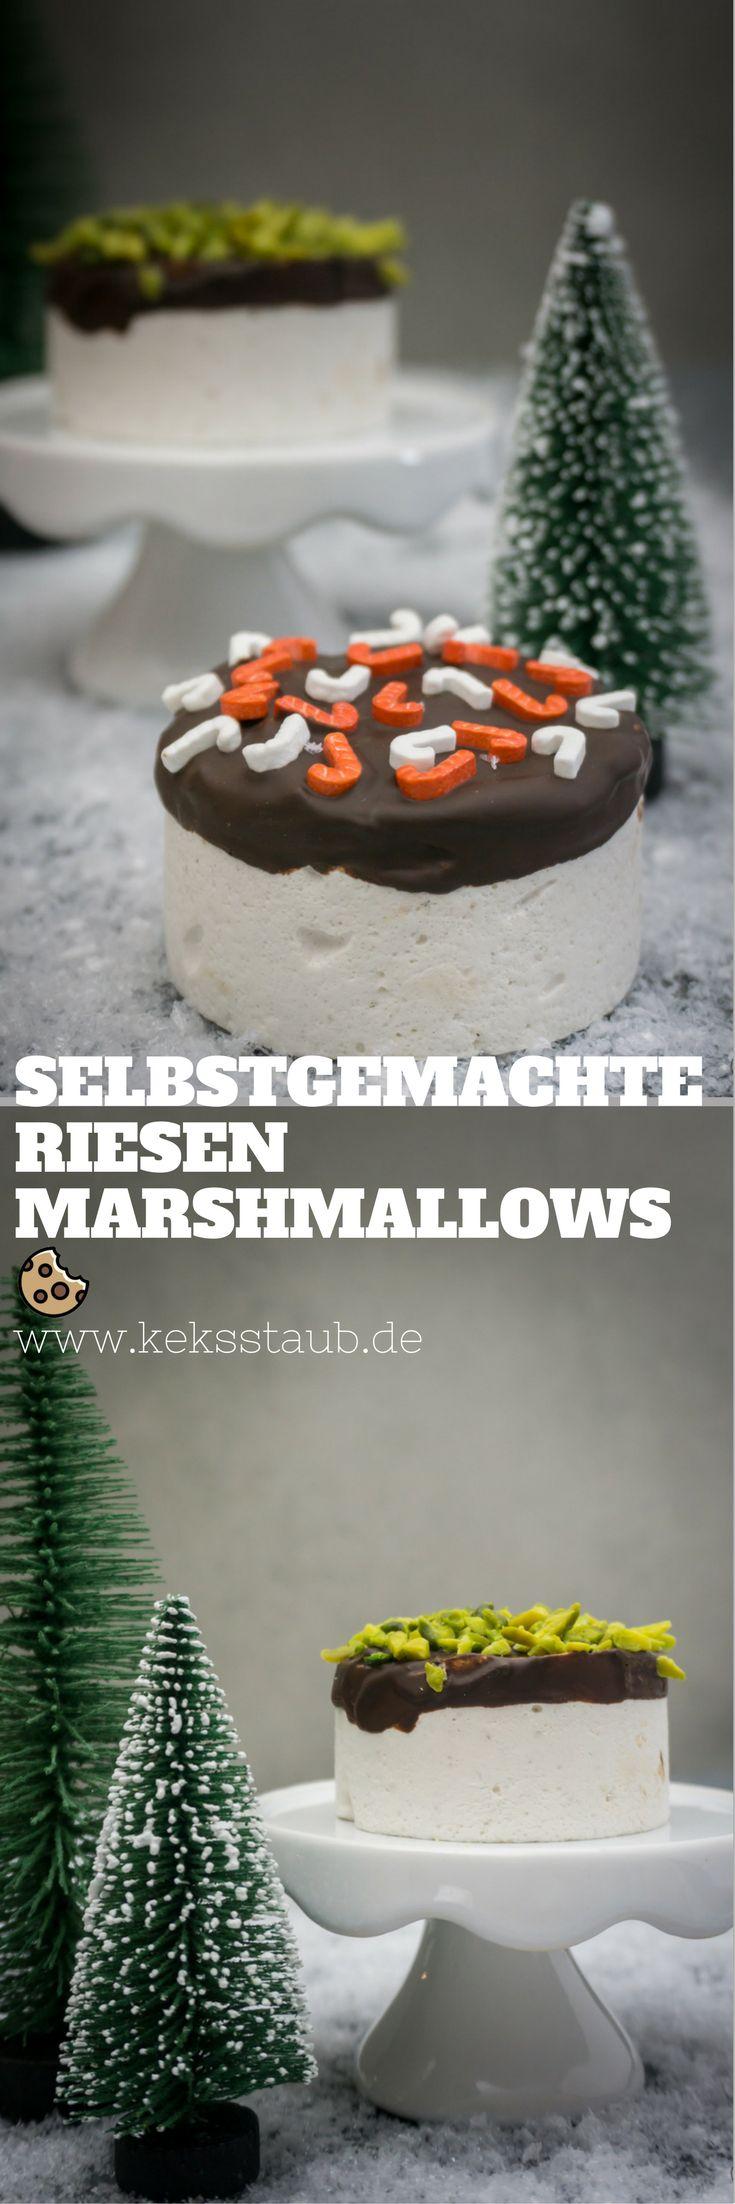 Rezept für Selbstgemachte Riesen Marshmallows mit Schokolade und bunten Toppings. Perfekt als Geschenk aus der Küche zB für Weihnachten - Anleitung mit und ohne Thermomix  #Marshmallow #Thermomix #Rezept